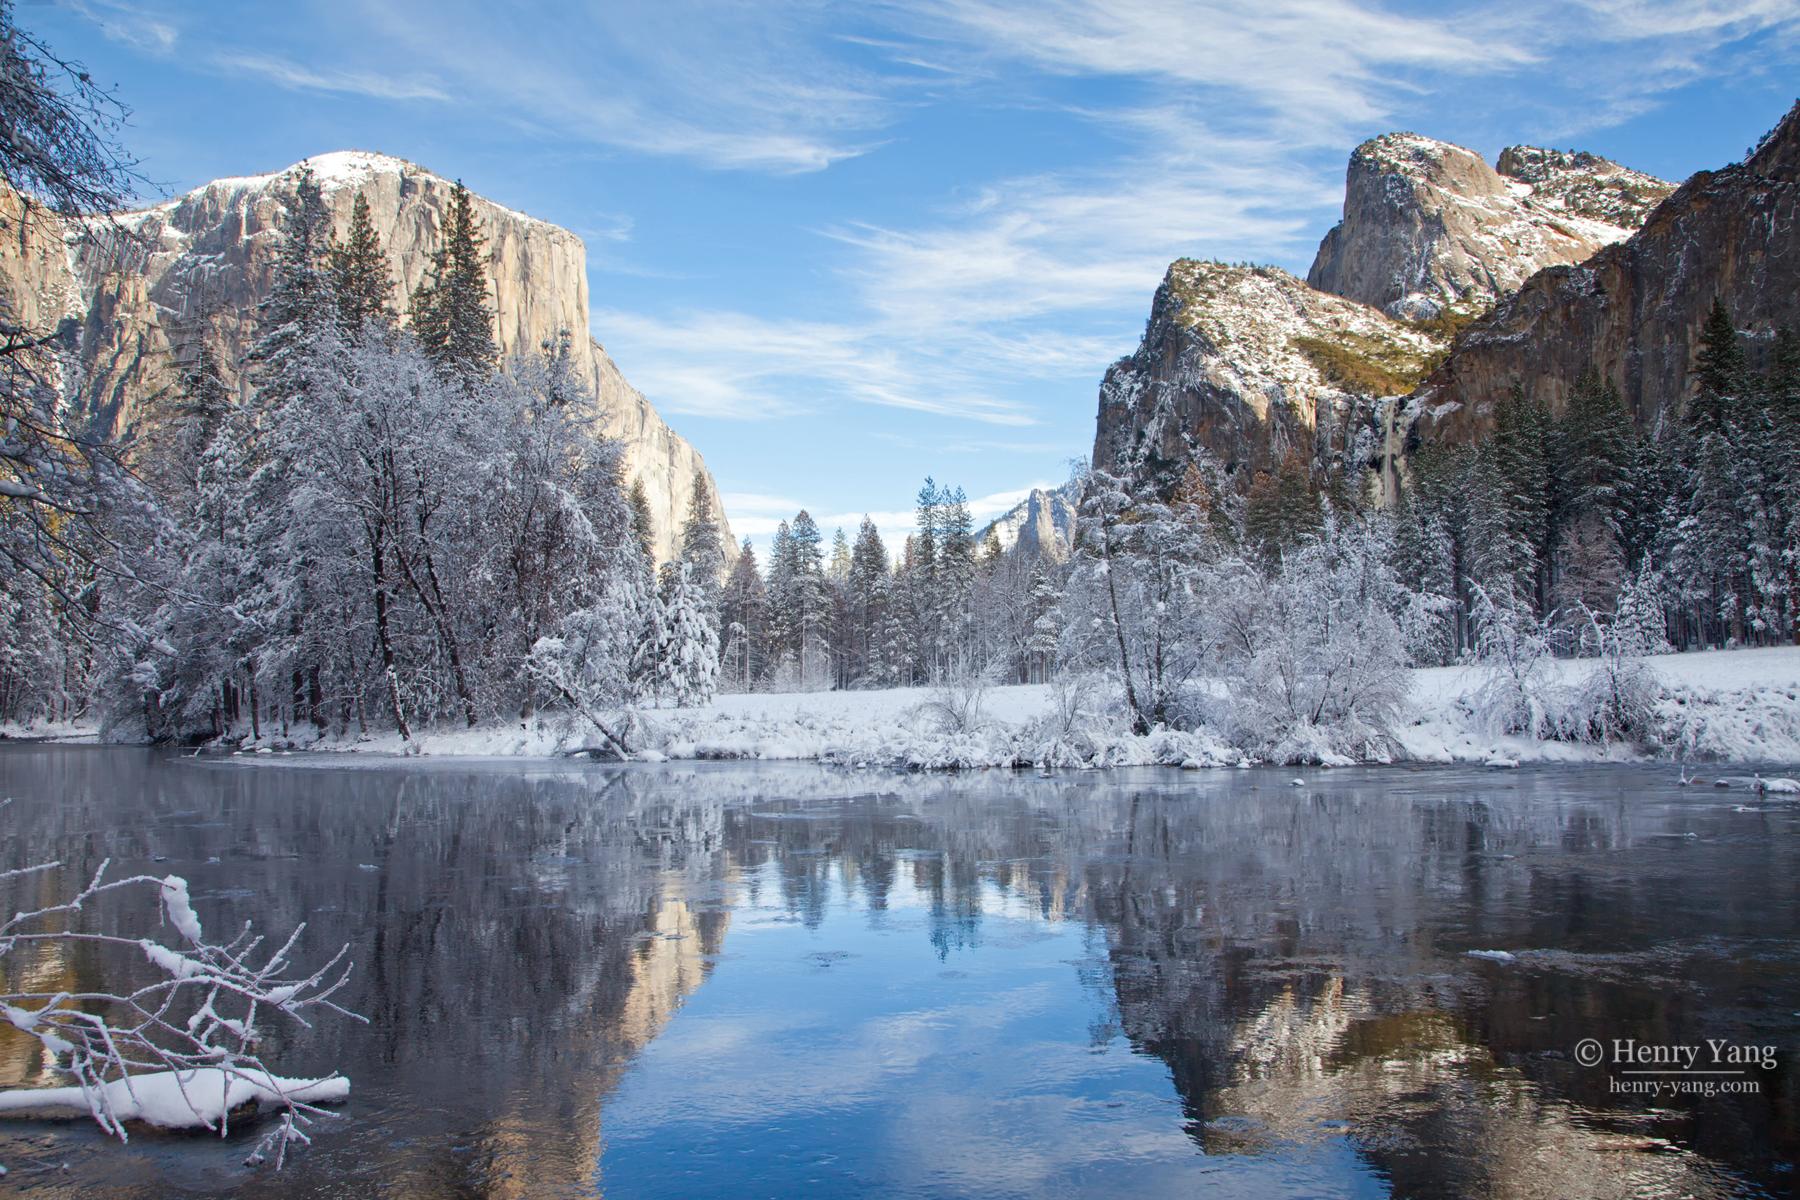 3d Wallpaper Nature Flowers Winter Scenes Yosemite National Park California